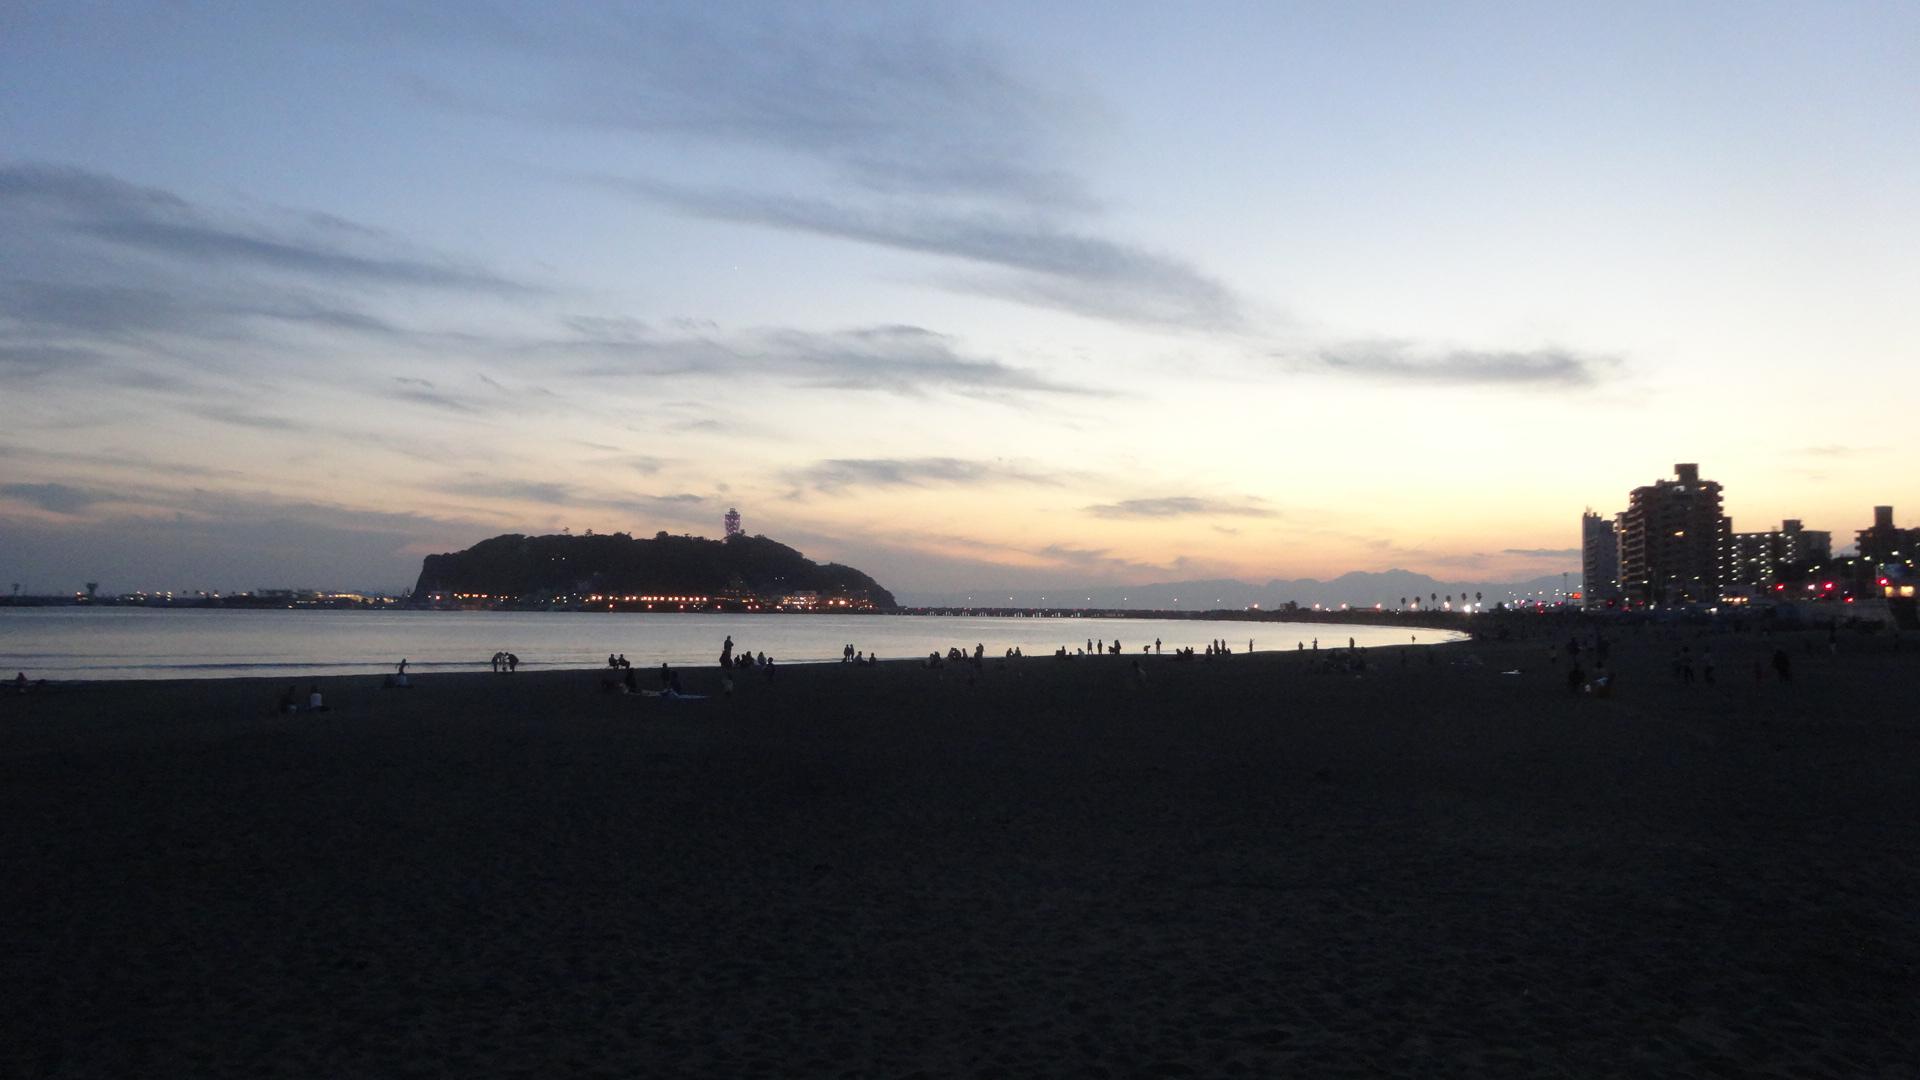 夕日が沈む江の島の風景